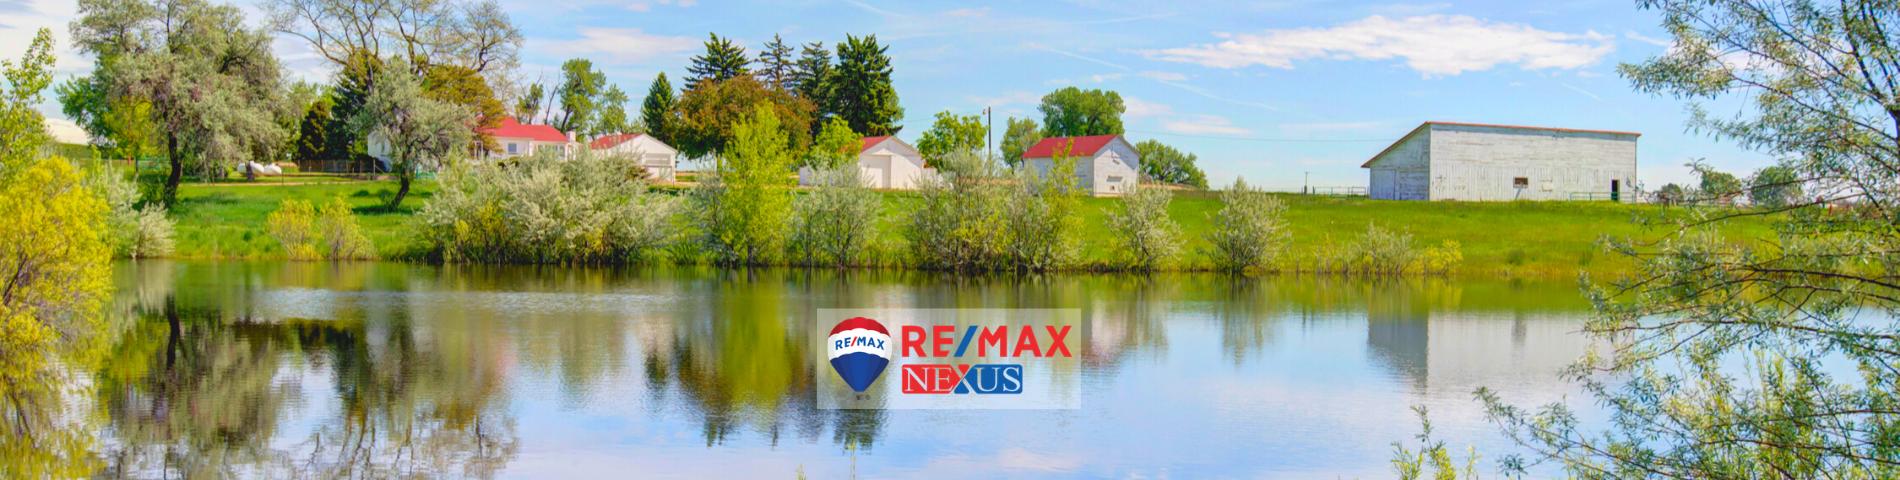 REMAX NEXUS HEADER (2)